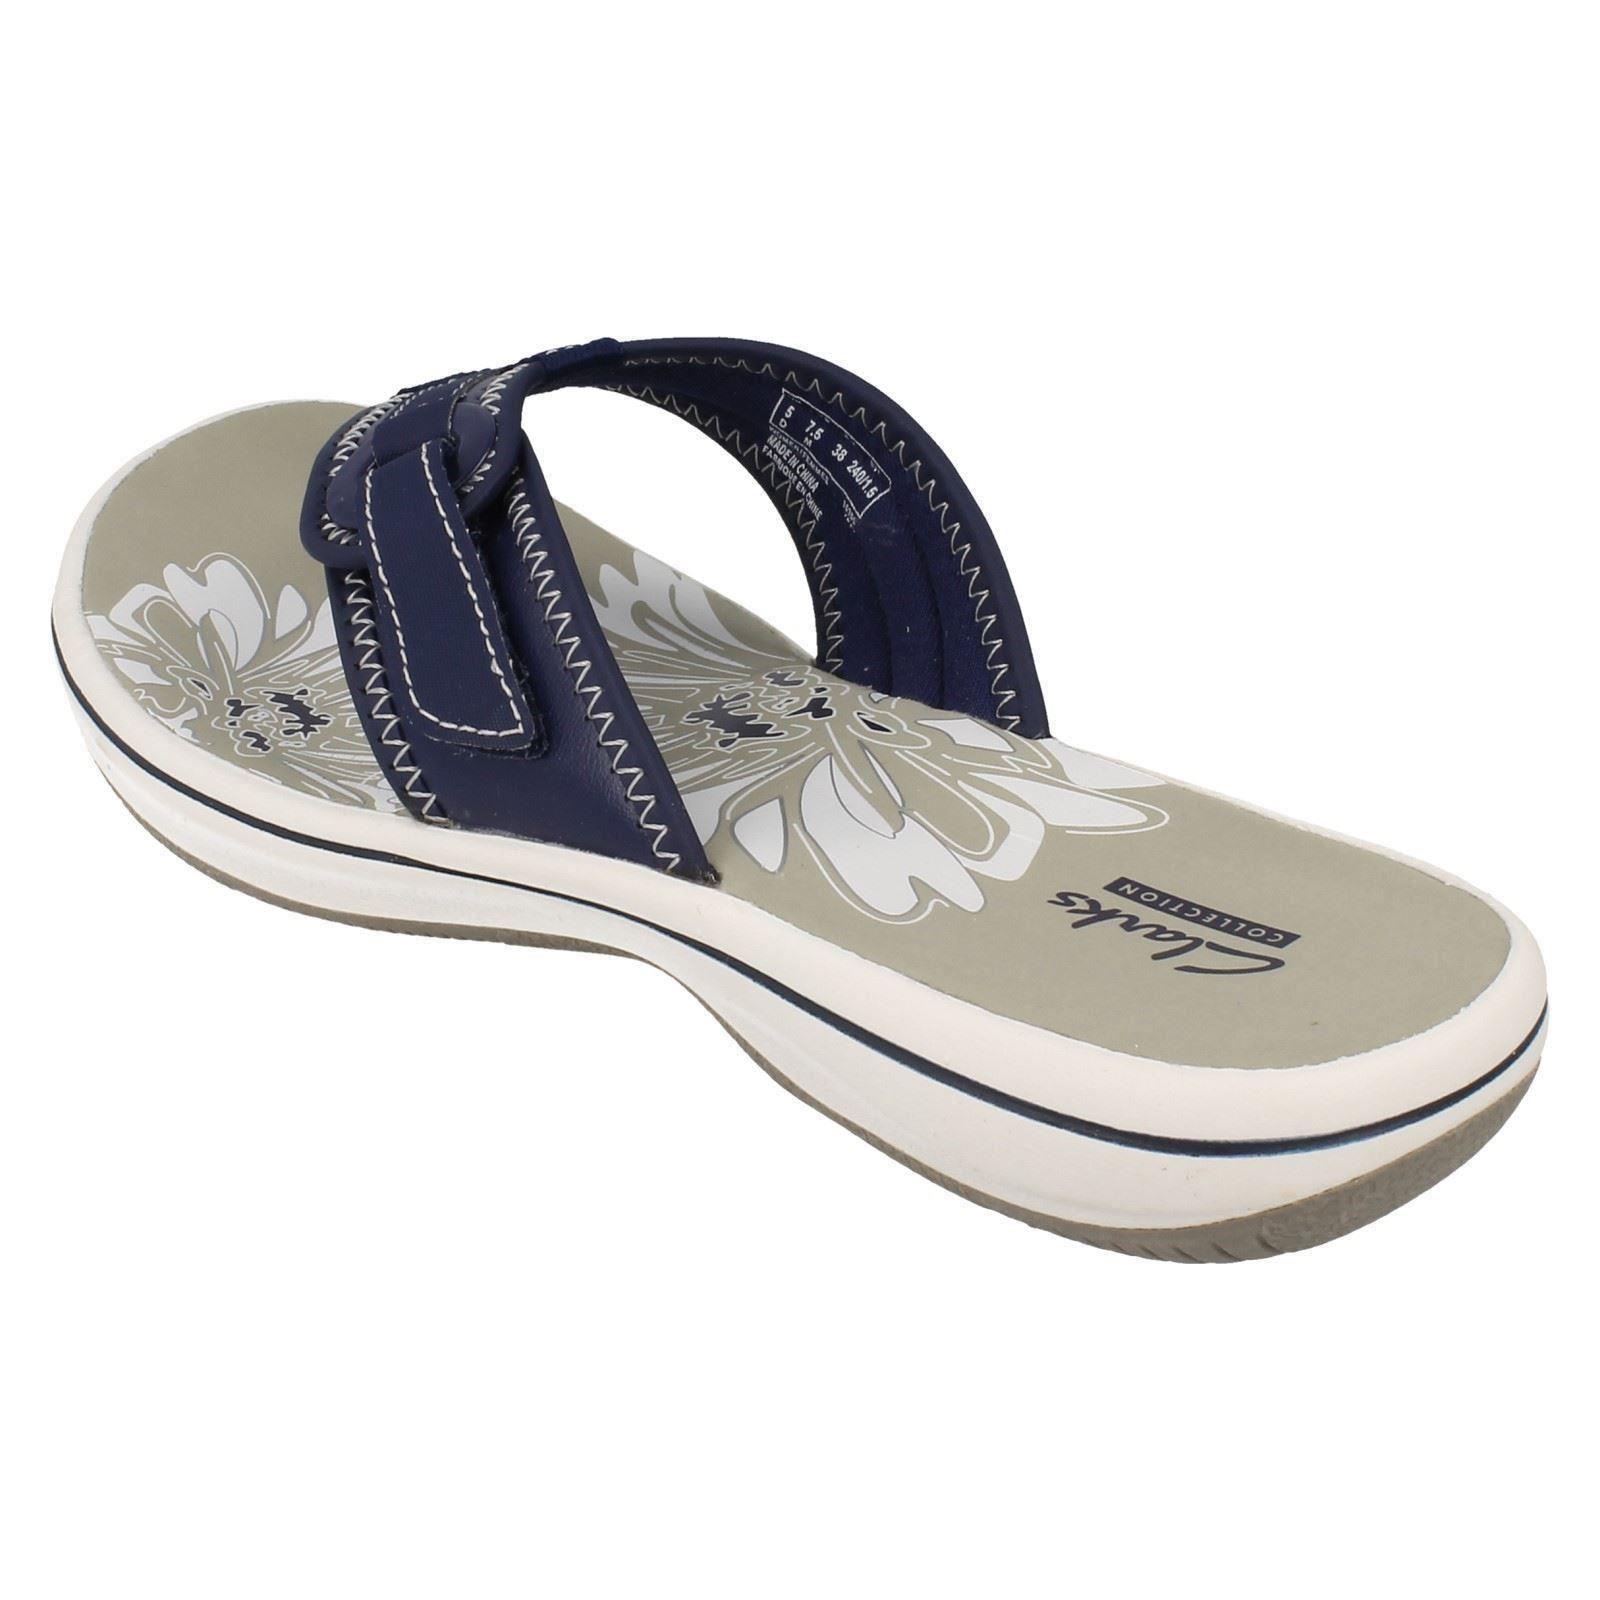 d7cf2731a Ladies-Clarks-Flip-Flops-Brinkley-Mila-30-00 thumbnail